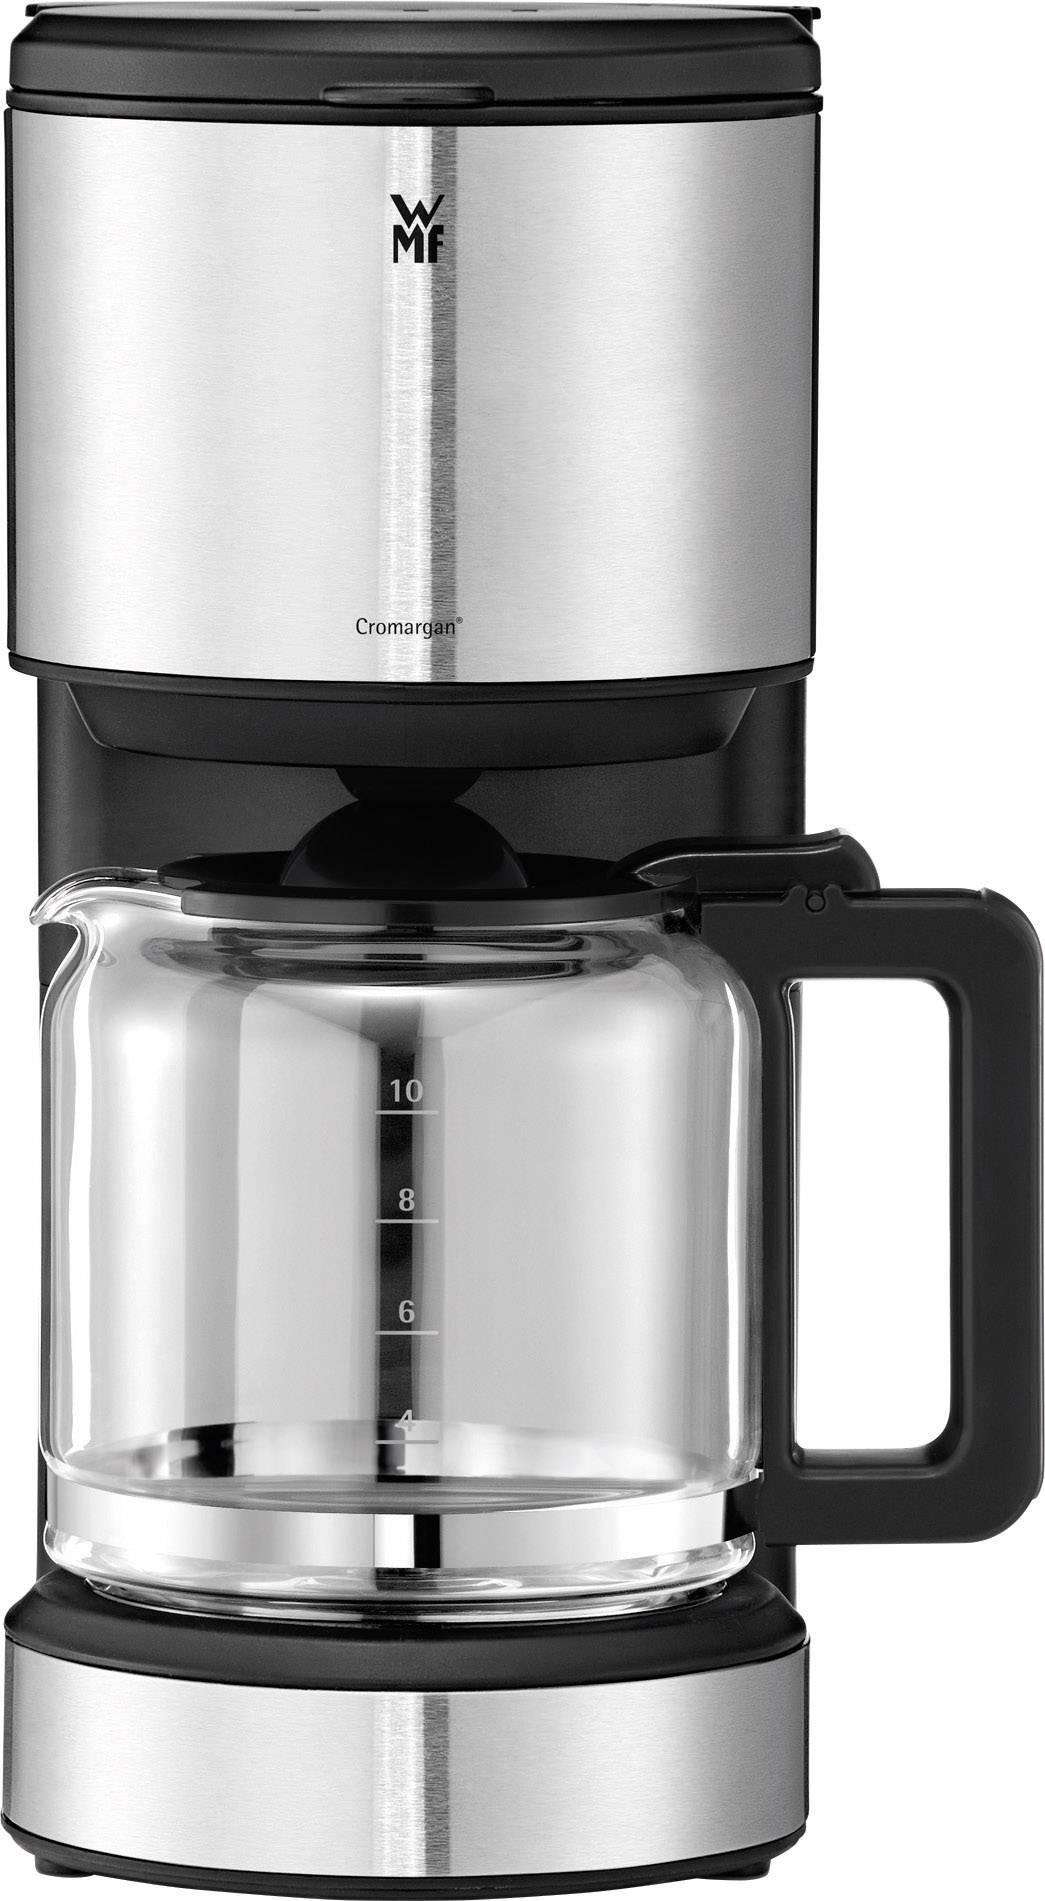 schwarz glänzend Grundig Glaskrug-Kaffeemaschine KM 4620